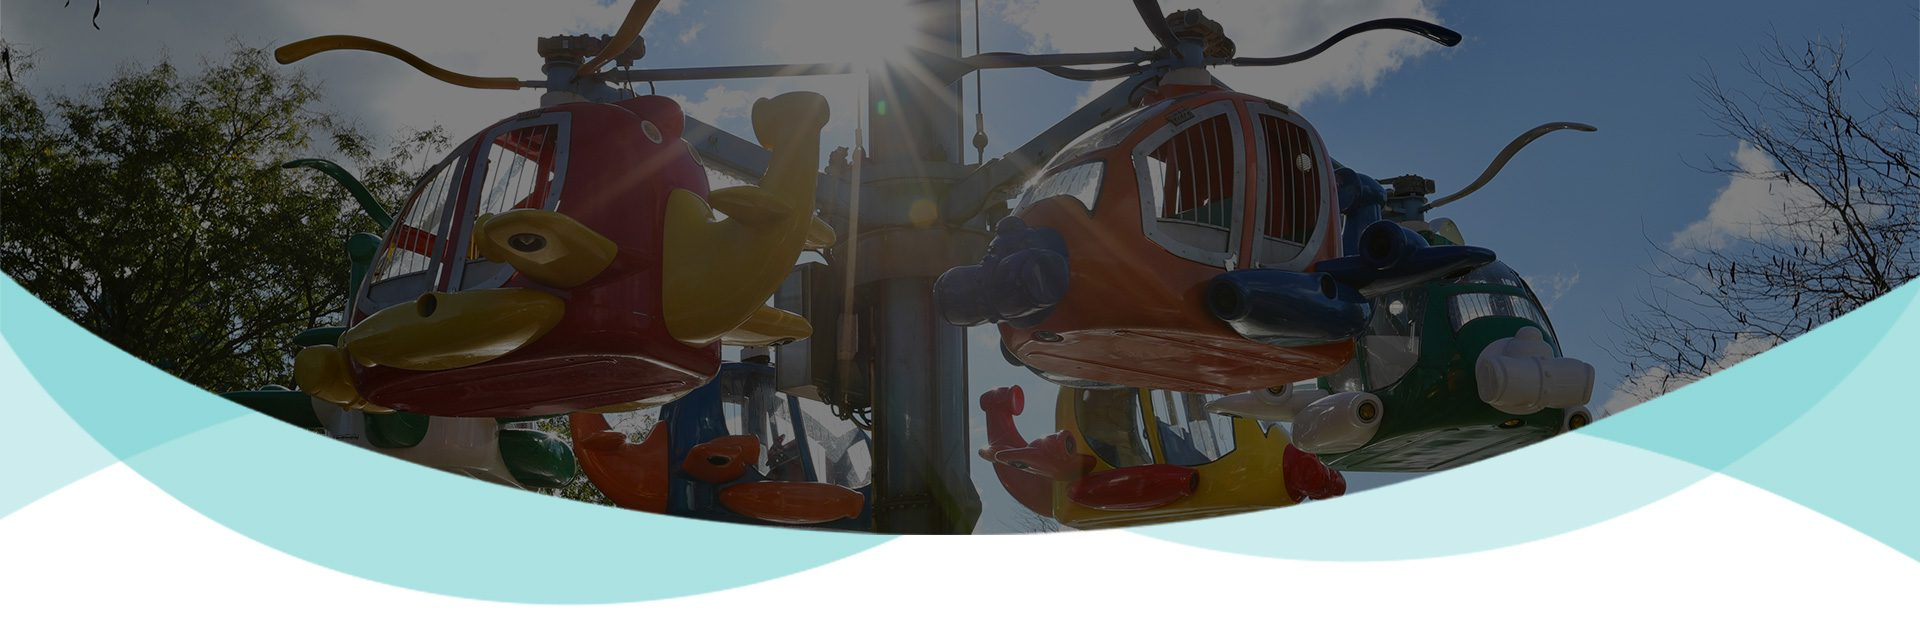 verkeerpark, attractiepark, duinen zathe